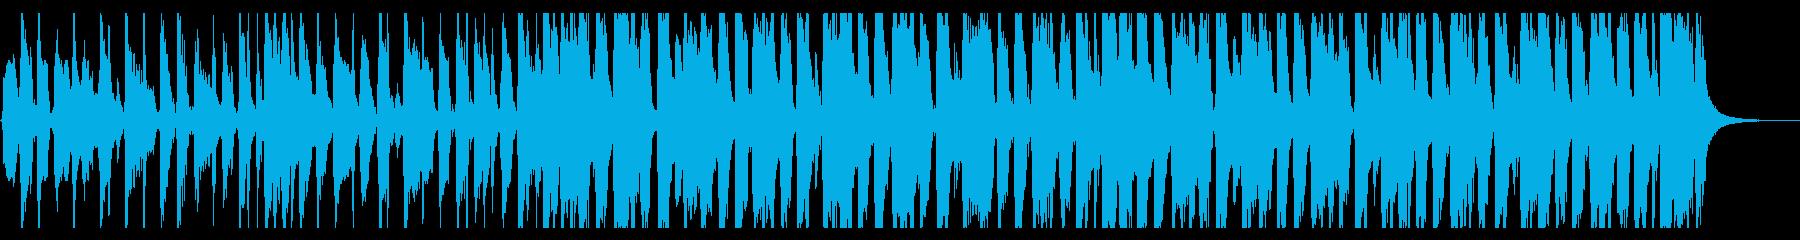 ティーン ポップロック ポジティブ...の再生済みの波形